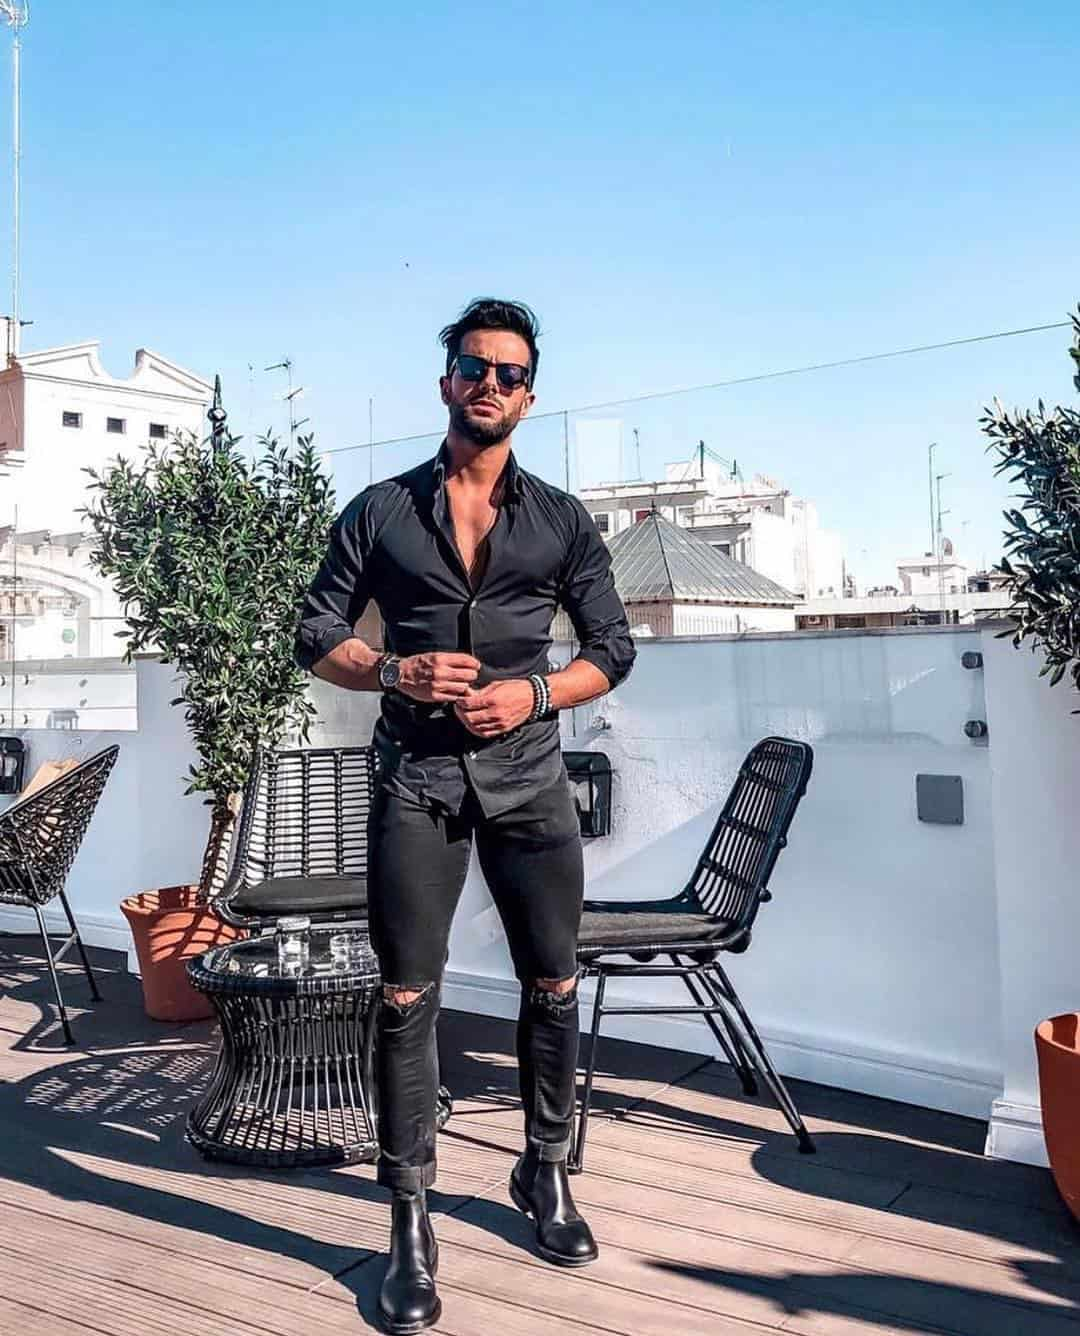 Moda Hombre 2021 Tendencias Moda Masculina 2021 Y Adorables Ideas